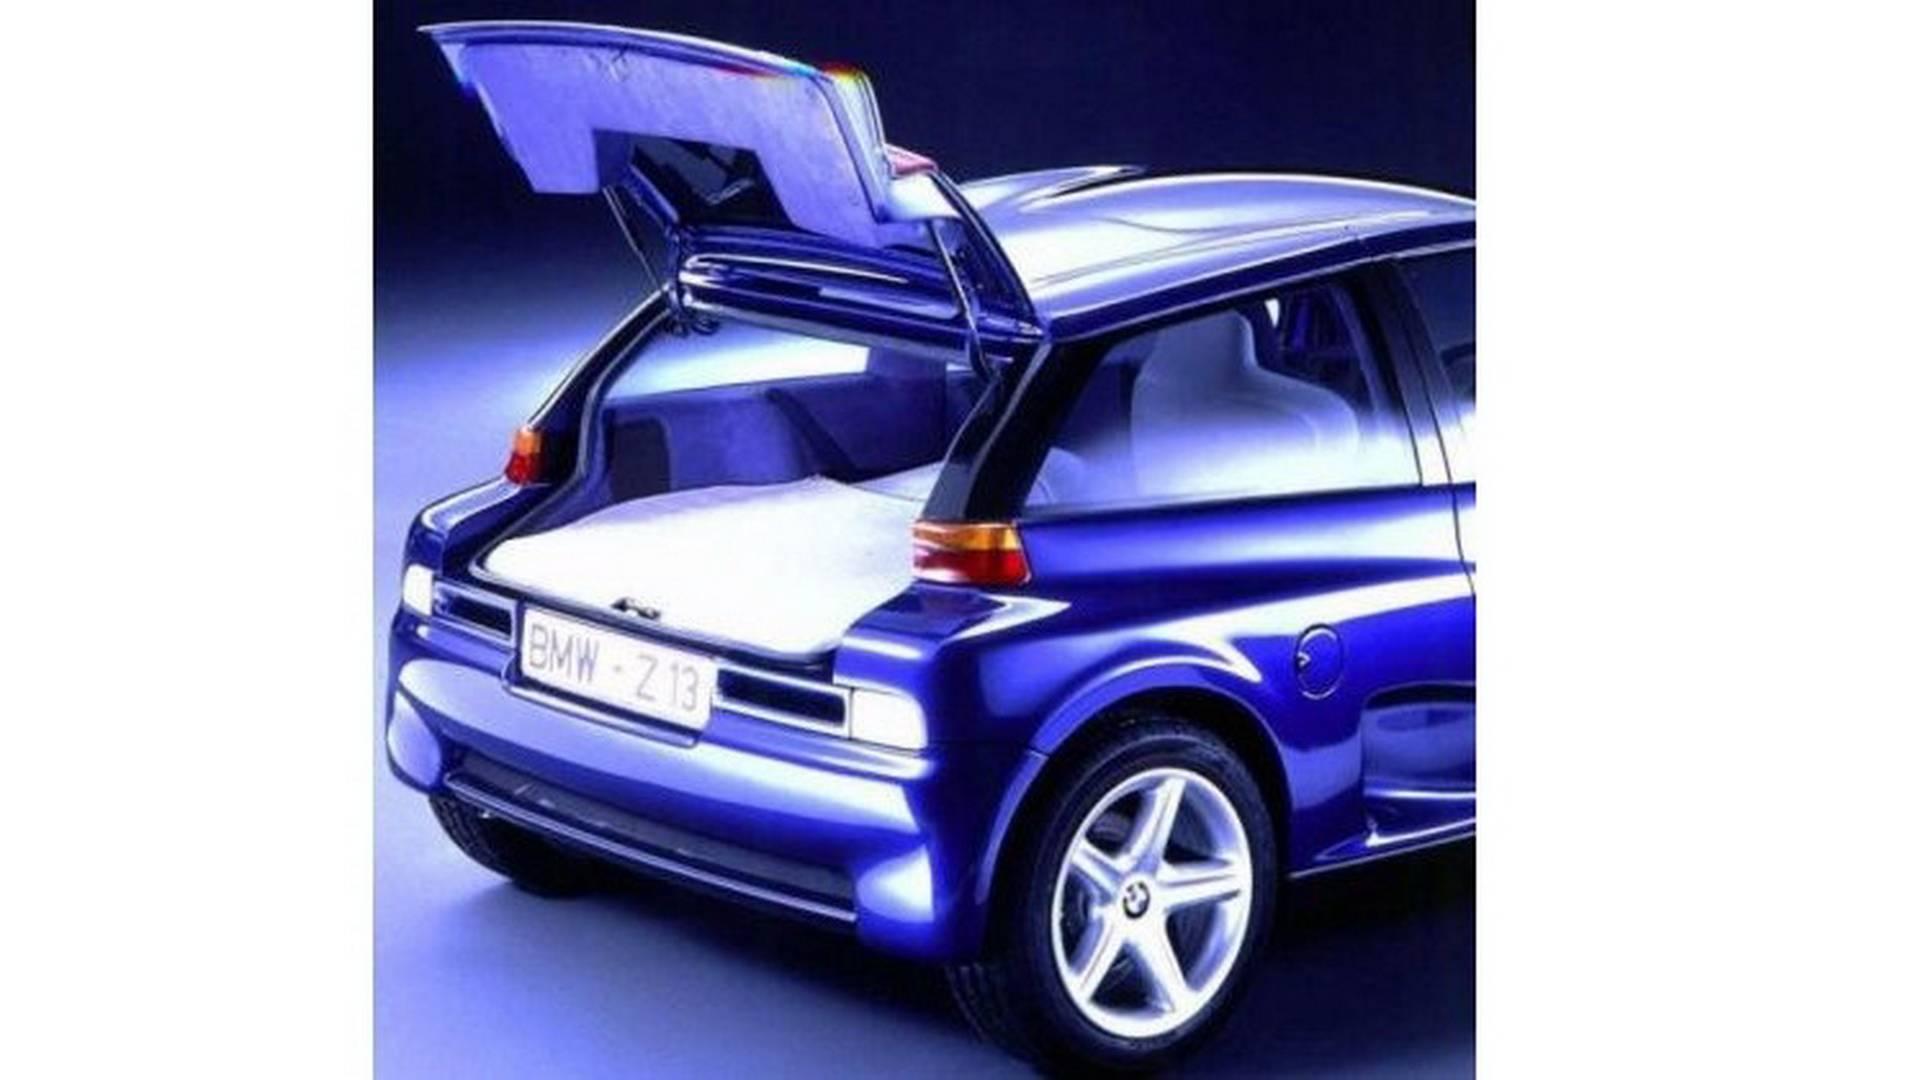 Unuttuğumuz Konseptler: 1993 BMW Z13